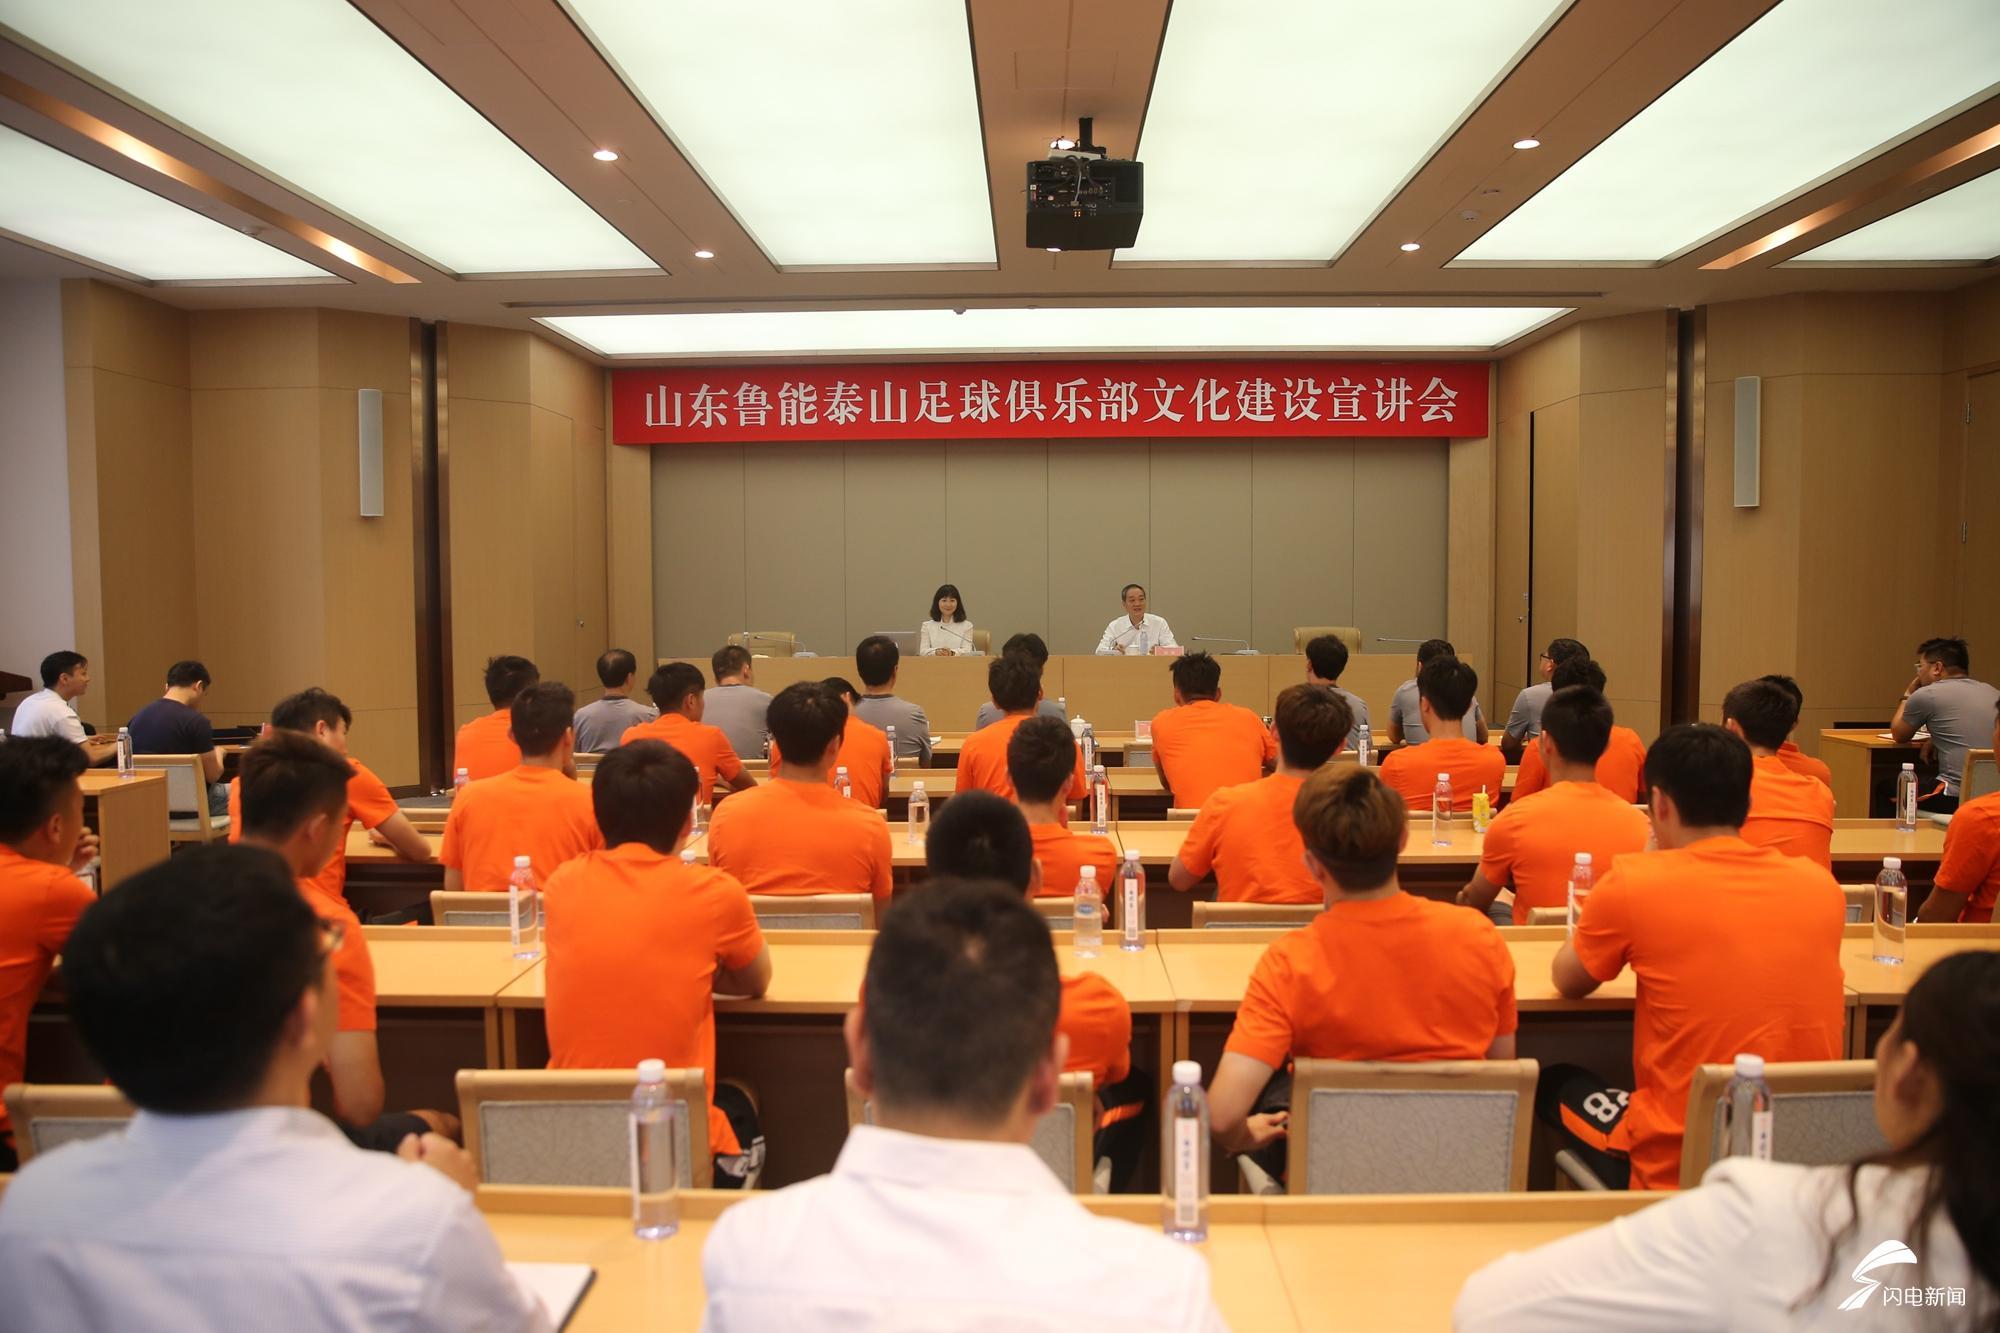 """鲁能泰山召开文化建设宣讲会 坚持建设""""百年俱乐部"""""""